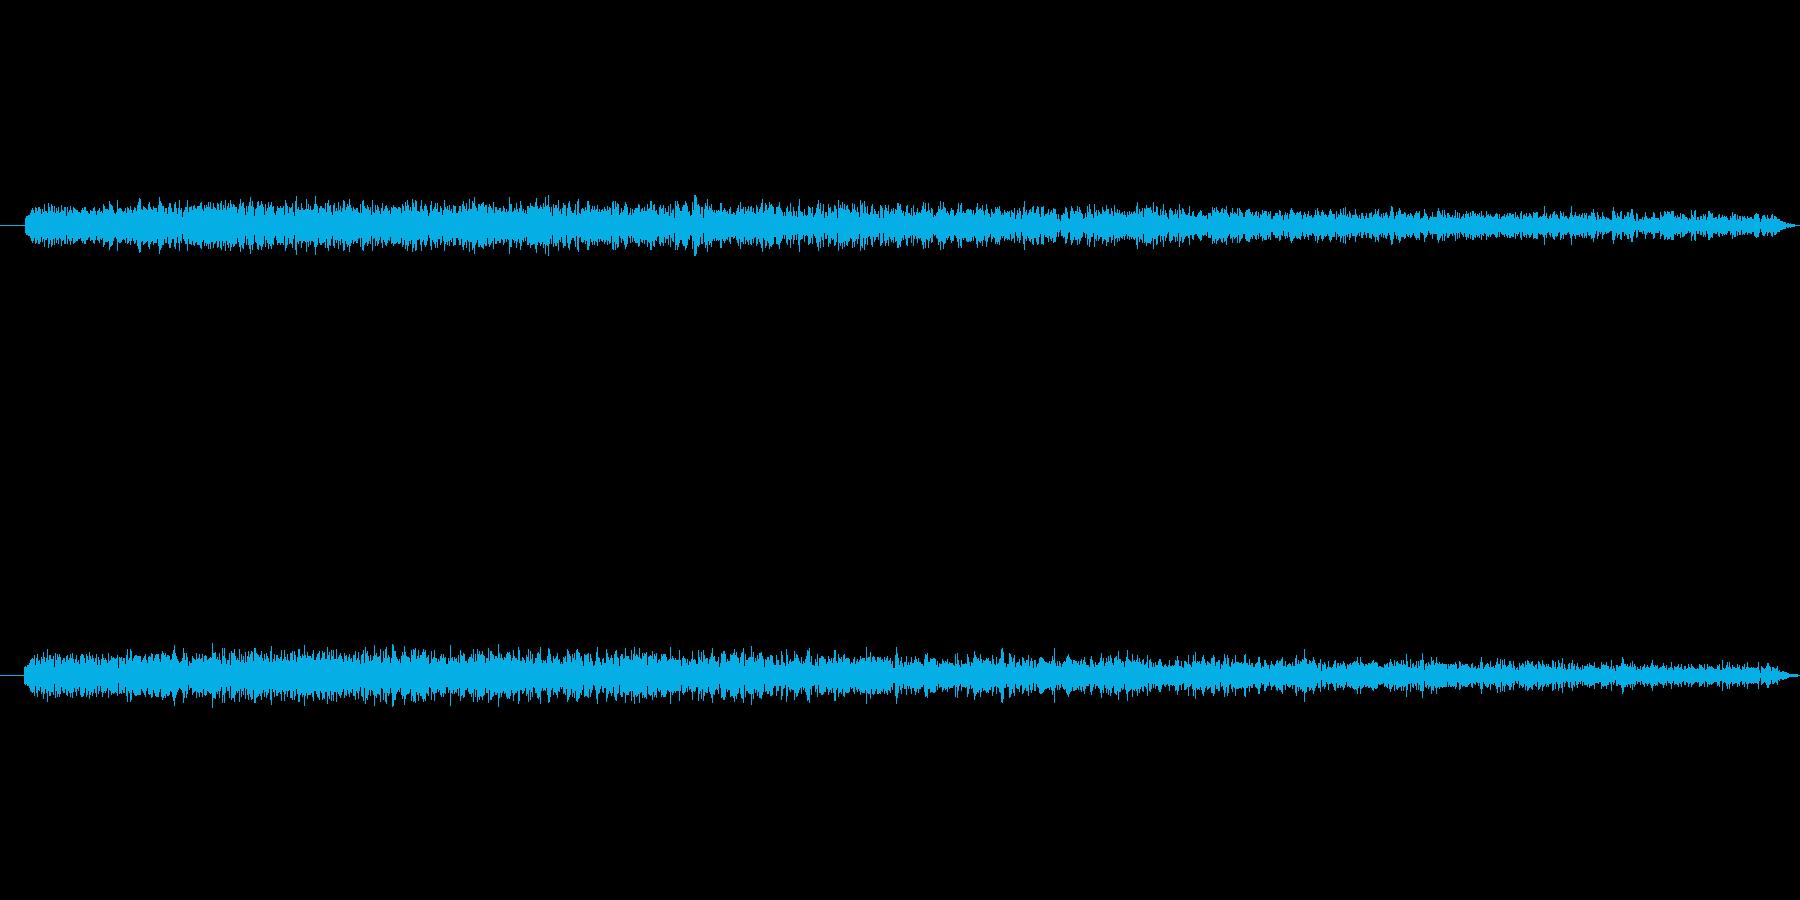 ガーン(衝撃時) 低いシンセPAD音の再生済みの波形